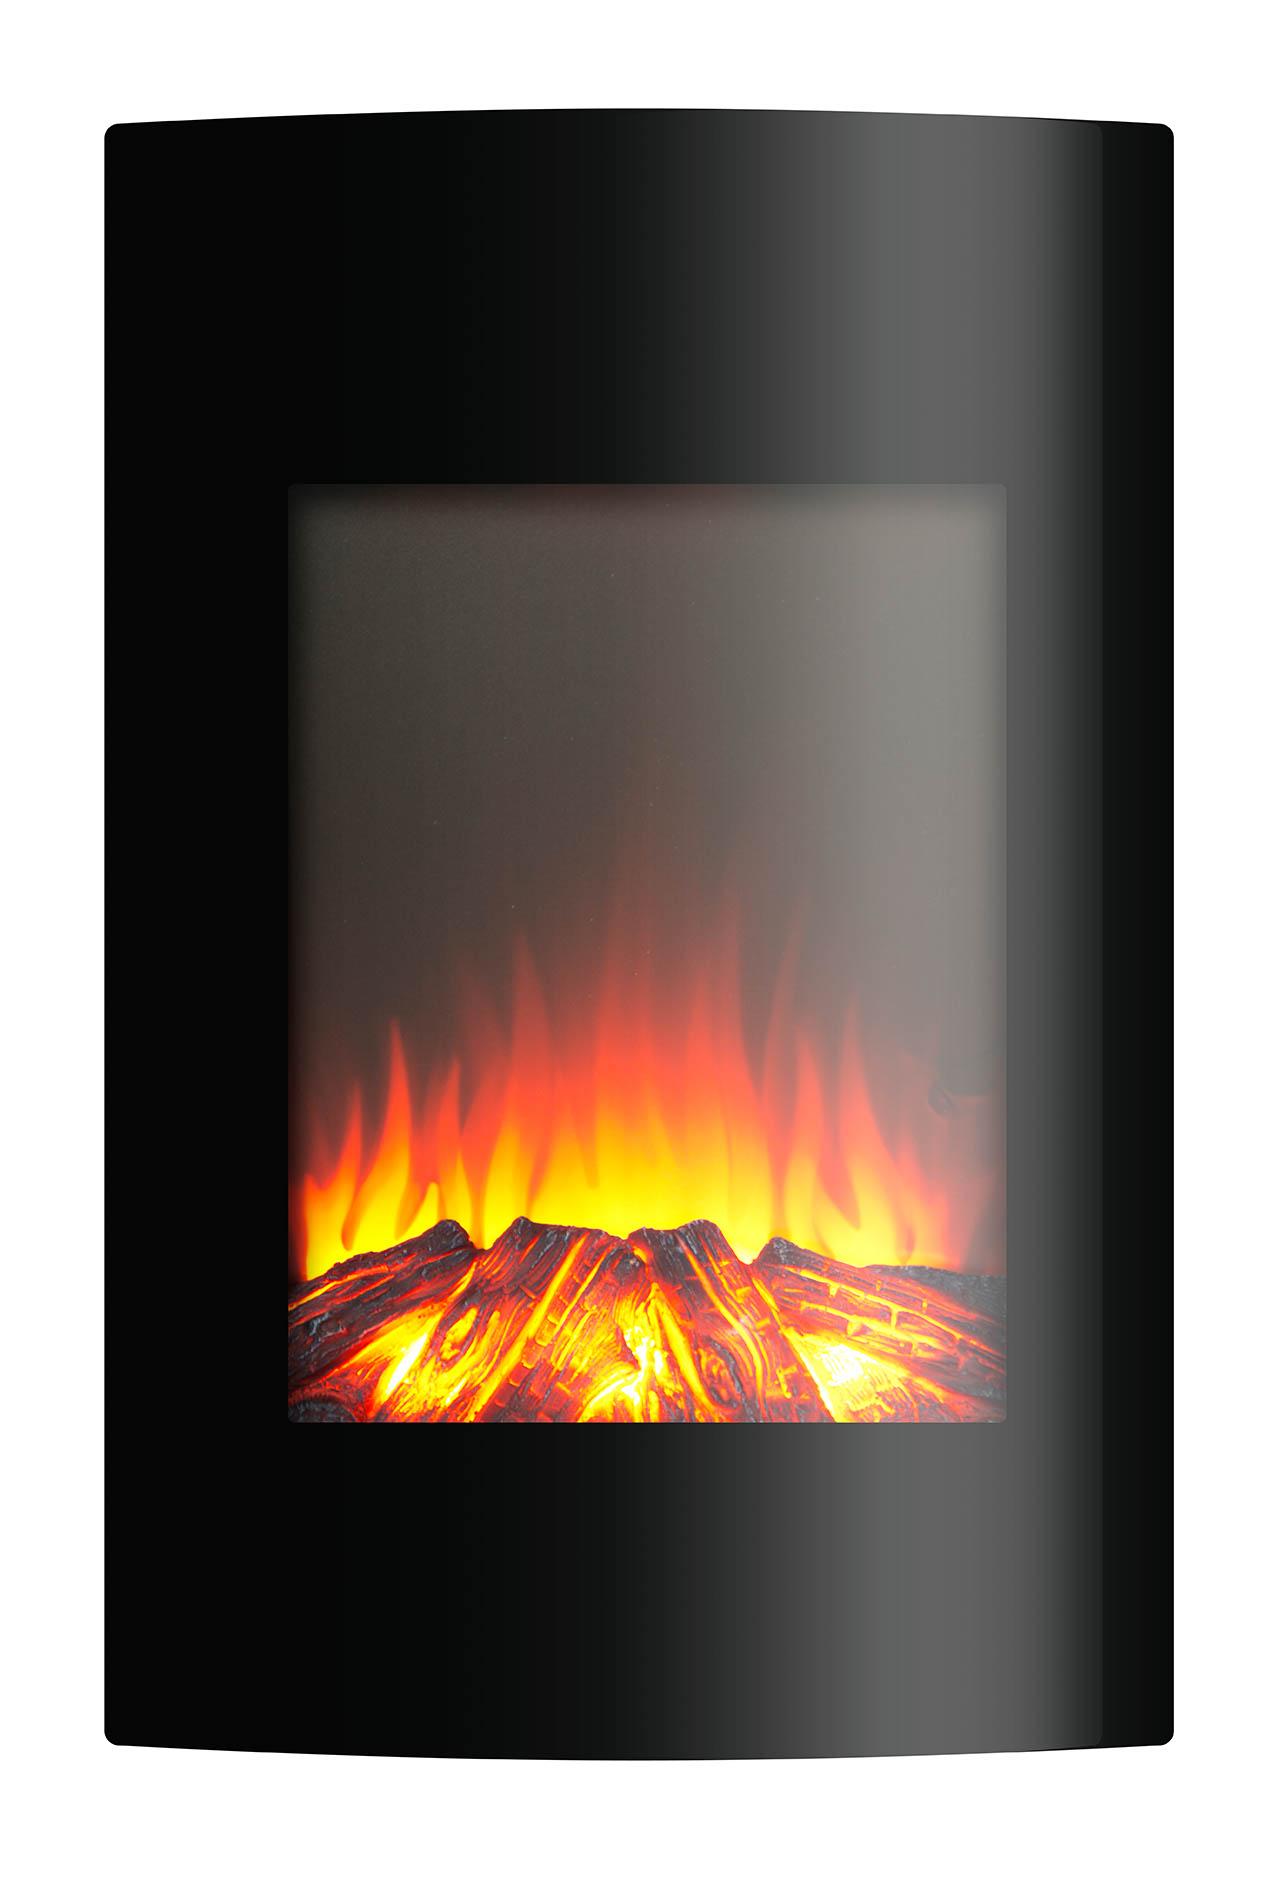 Elektrický krb G21 Fire Lofty ; GA-ALPS-MED